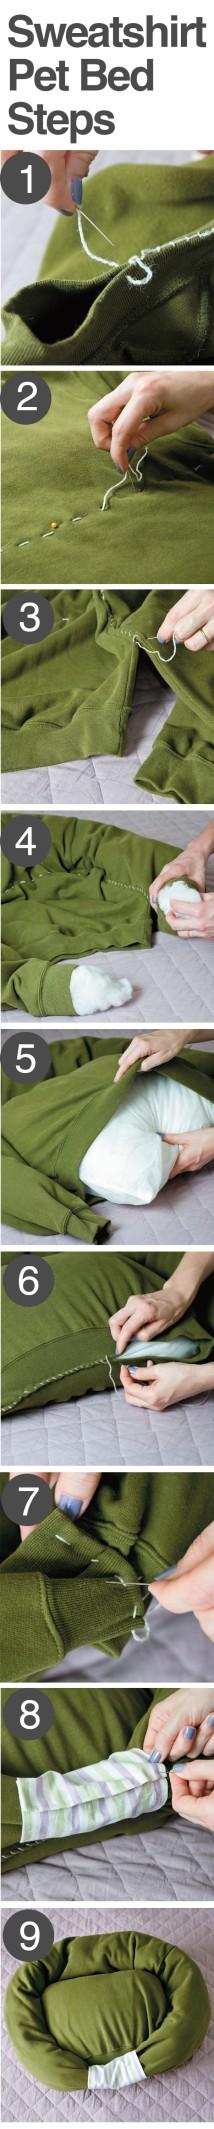 pet bed steps